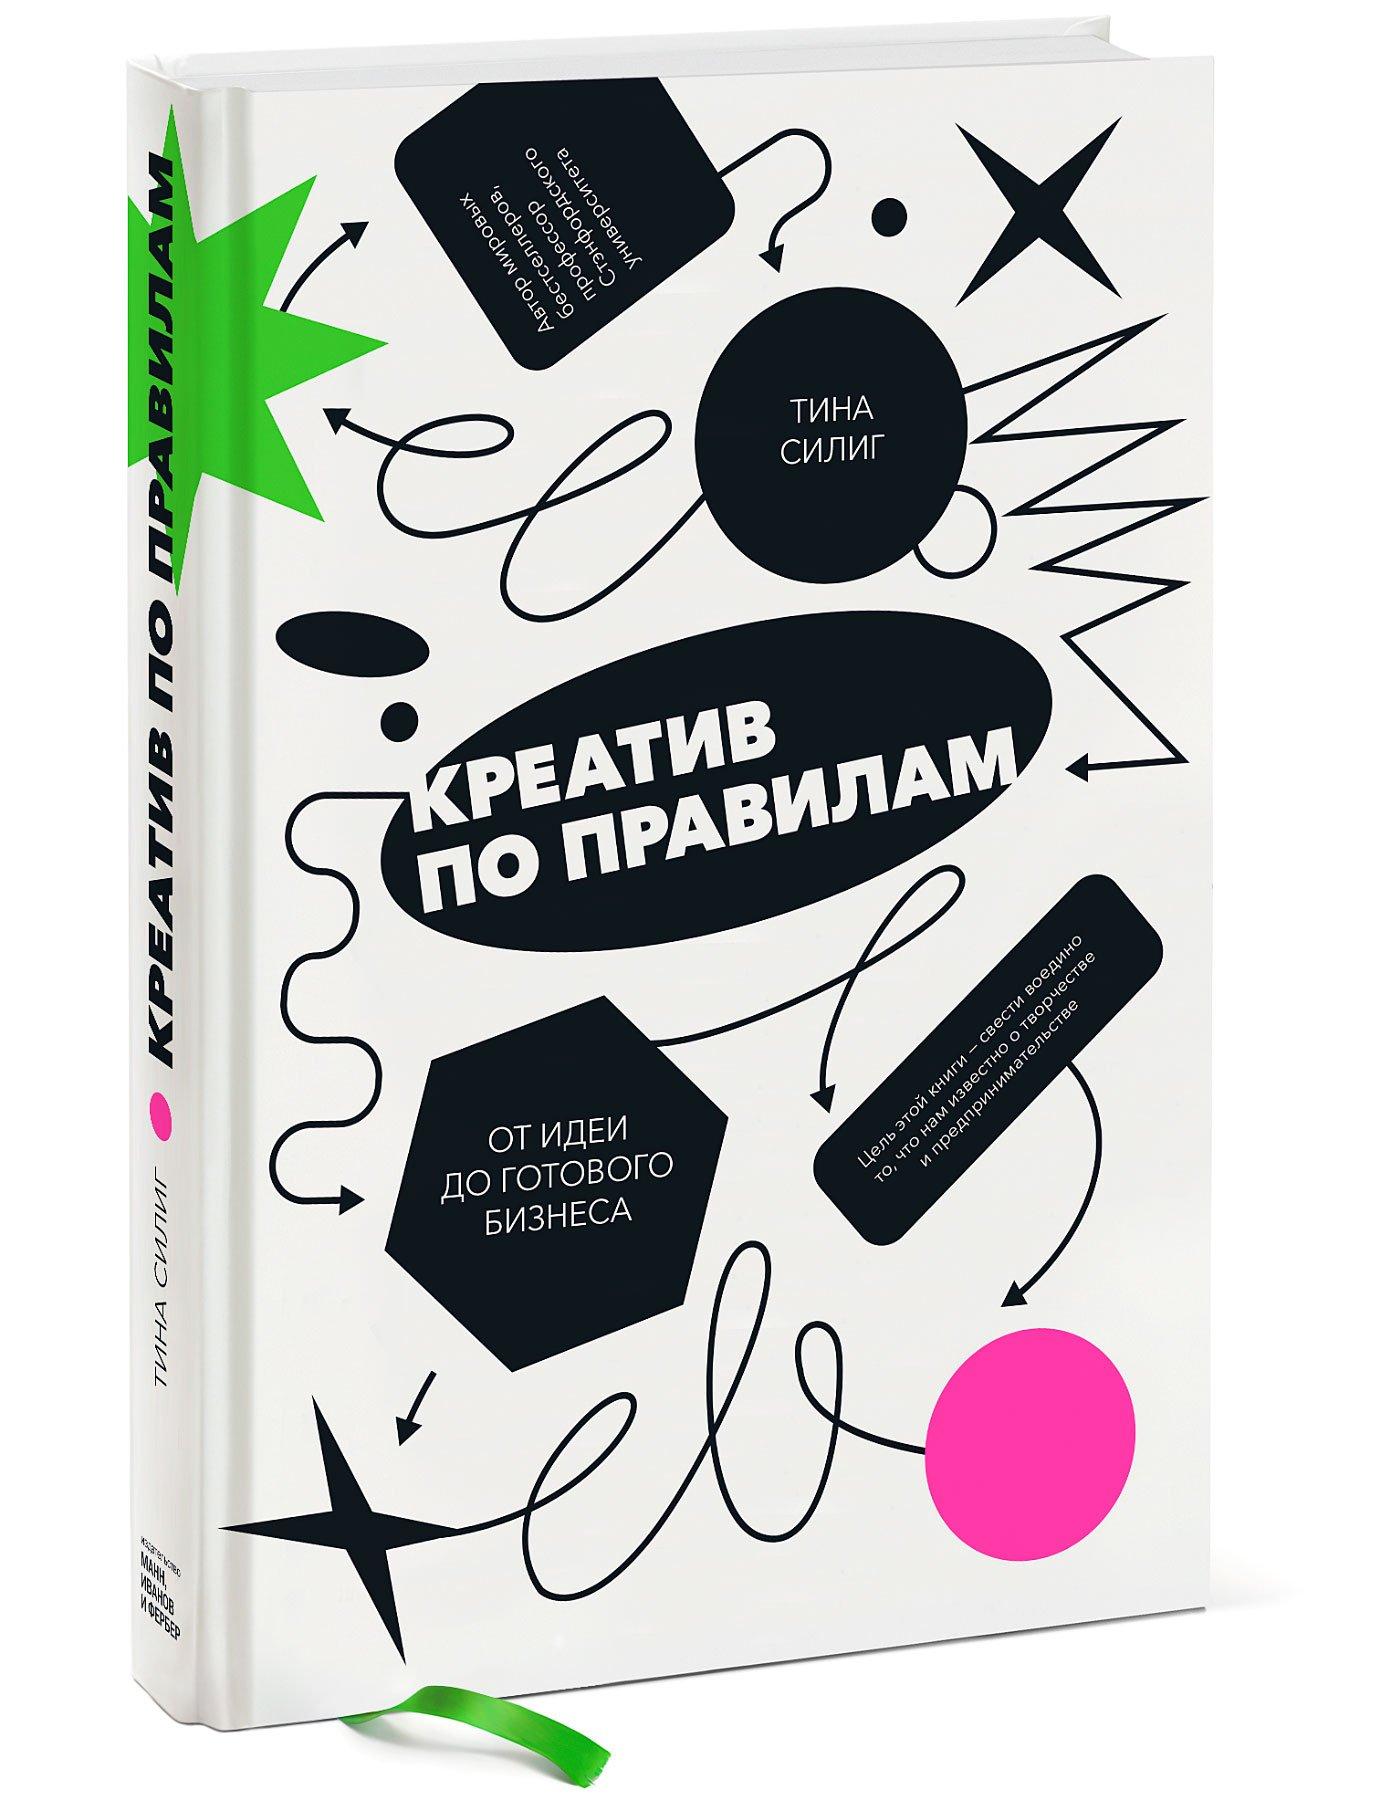 сергей разуваев до последнего квадратного метра Сергей Разуваев, Анна Шишкина Креатив по правилам. От идеи до готового бизнеса